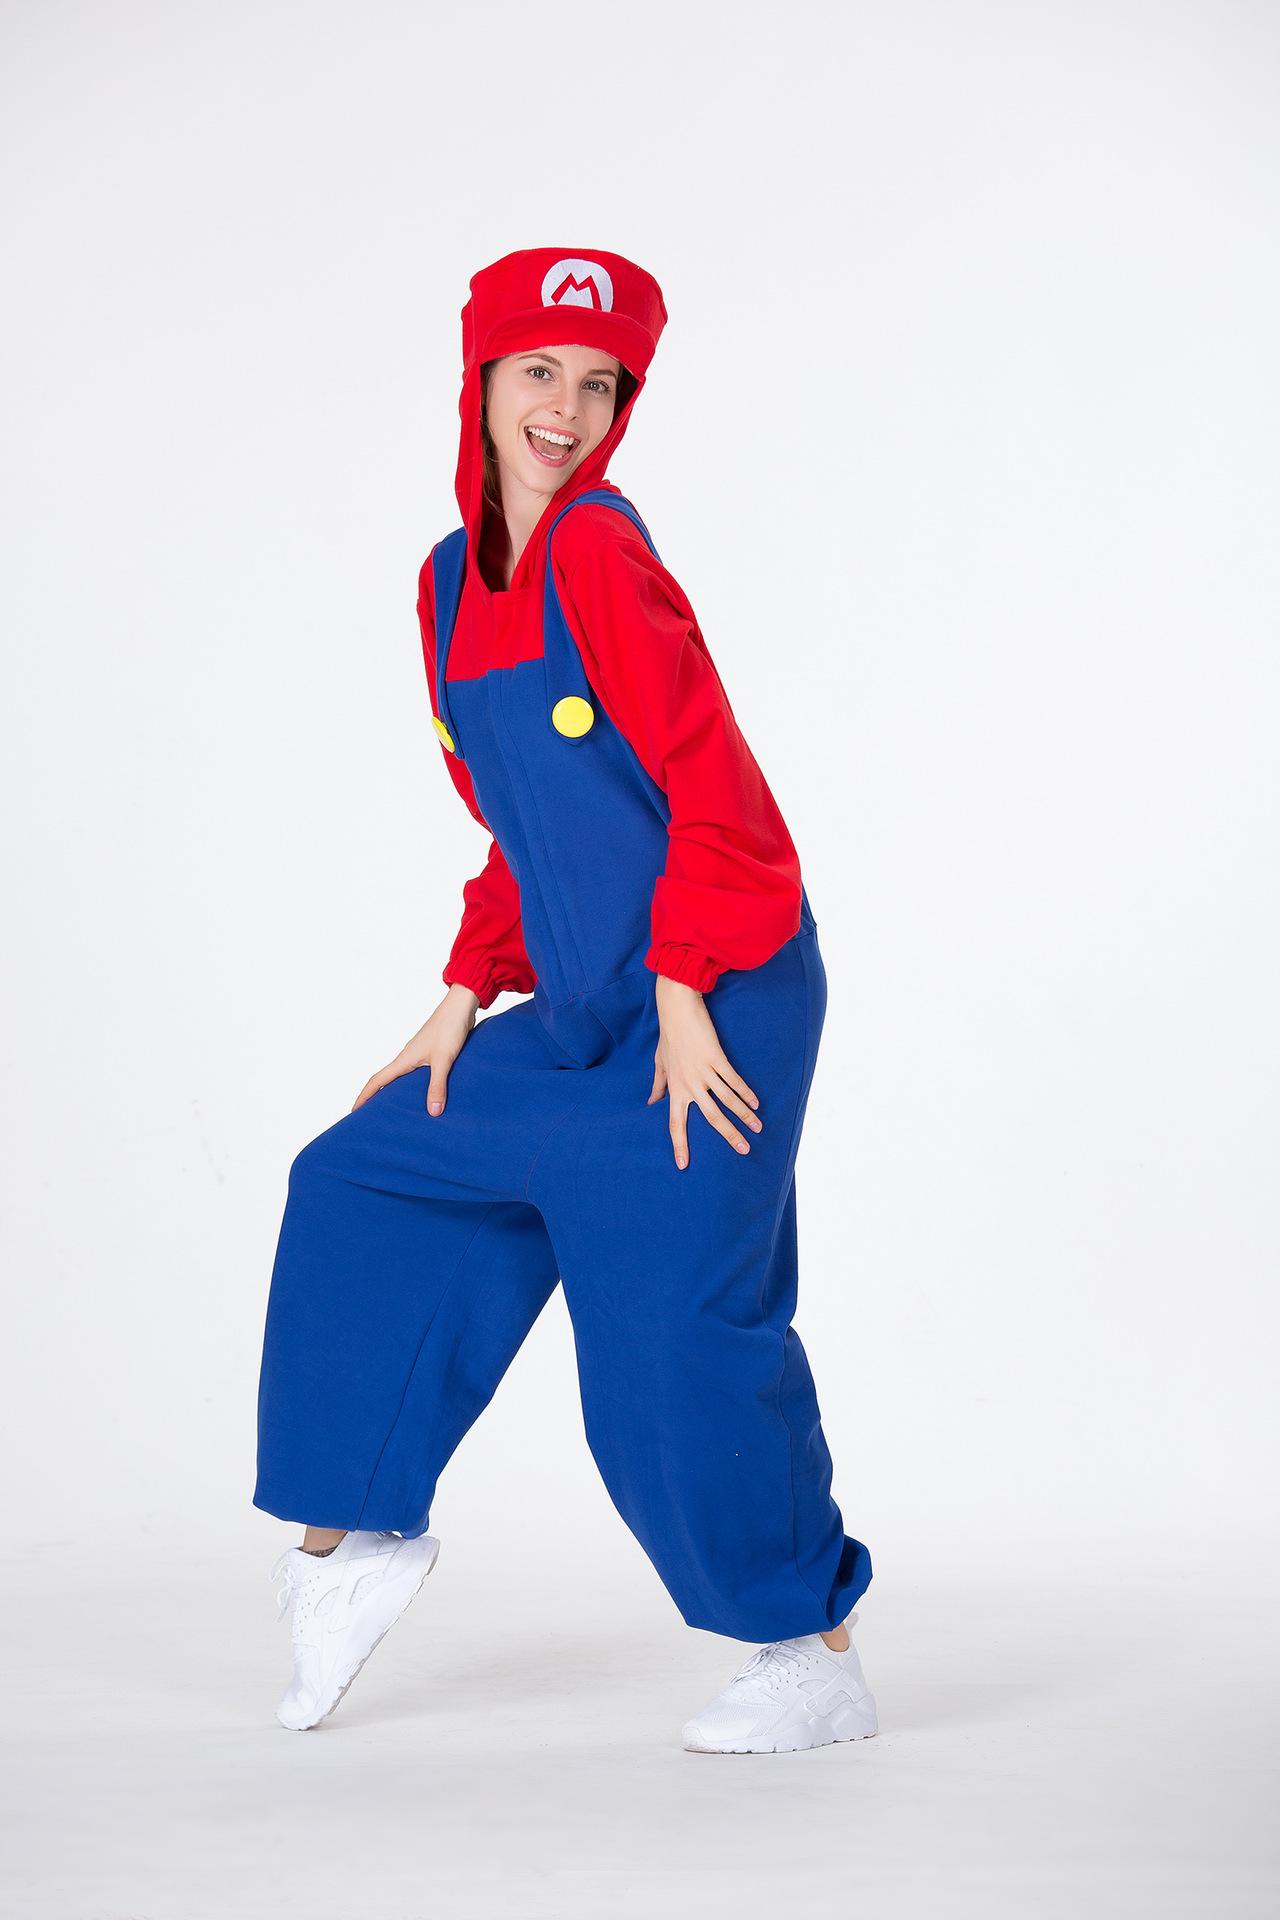 万圣节服装角色扮演红绿玛丽奥水管工人游戏服卡通超级玛丽服